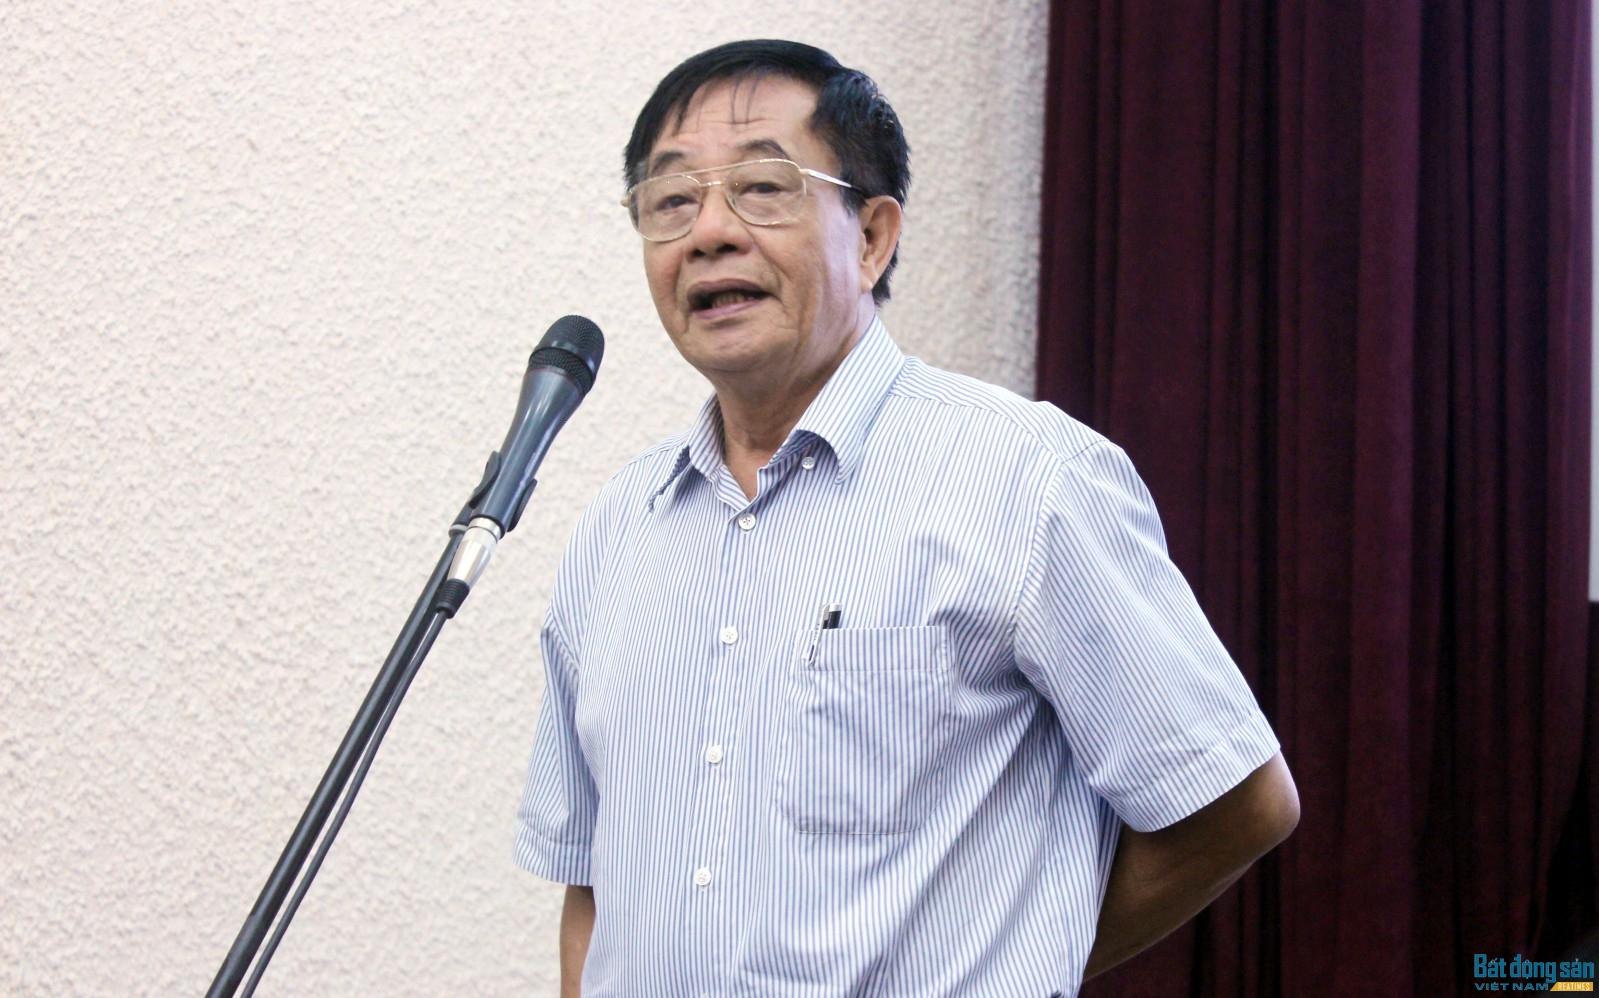 Chủ tịch Hội Điện ảnh Việt Nam Đặng Xuân Hải. Ảnh: Hồng Vũ